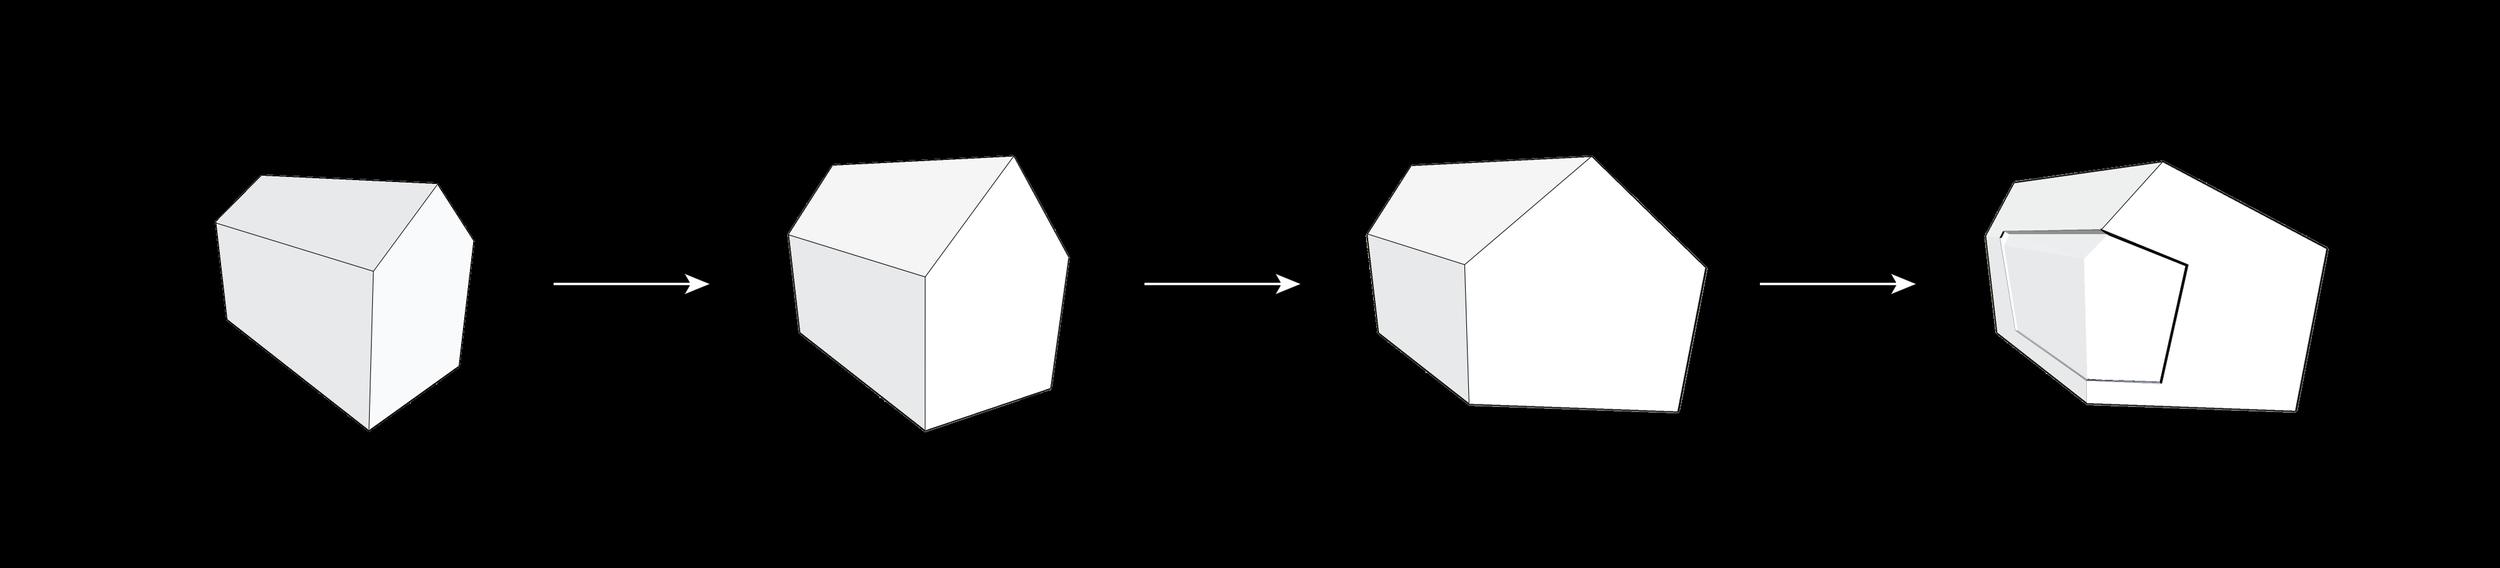 DiagramTransform3.jpg